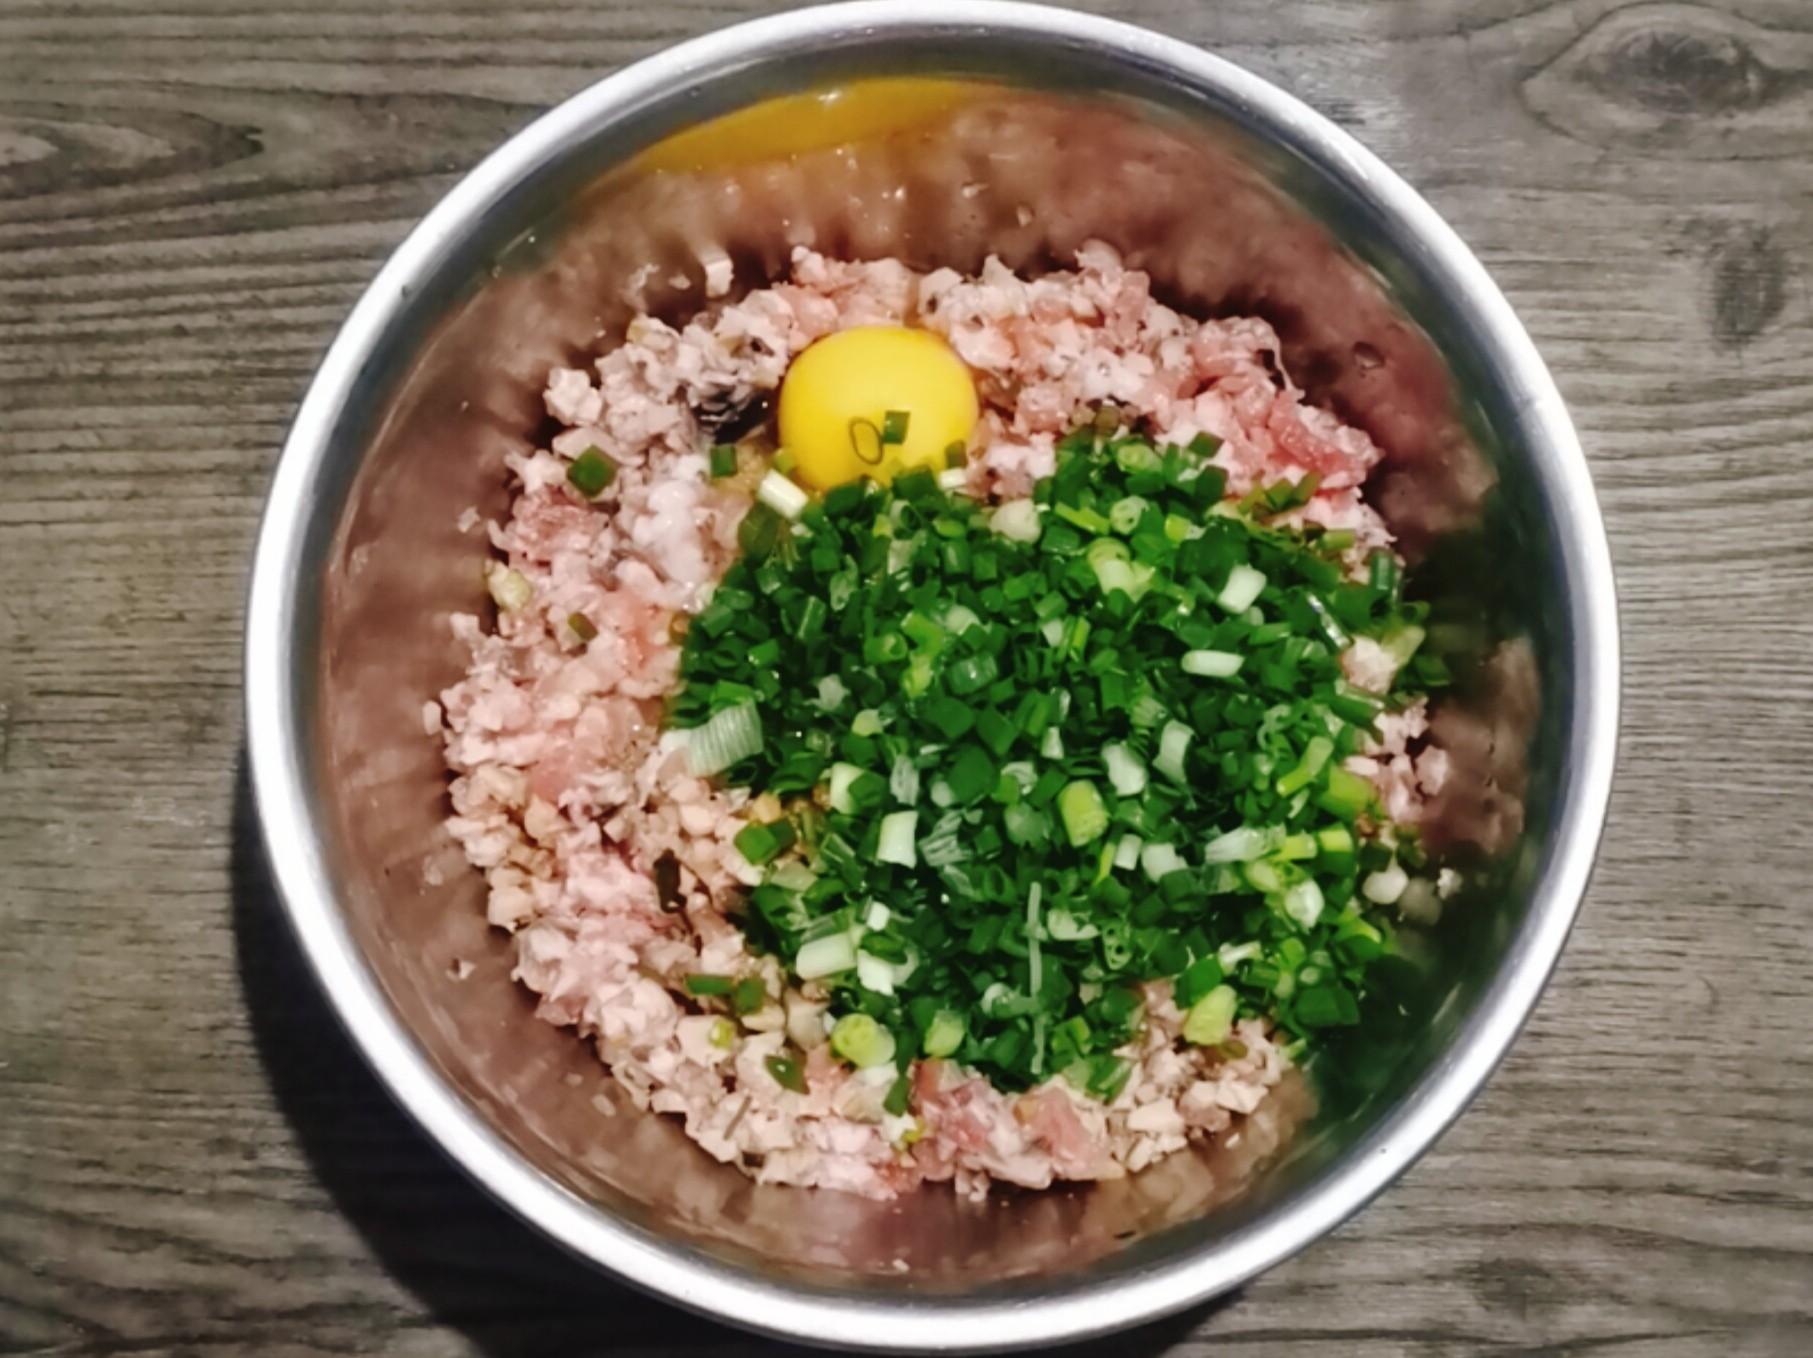 周庄名吃田螺塞肉,口口爆汁味道鲜怎么做